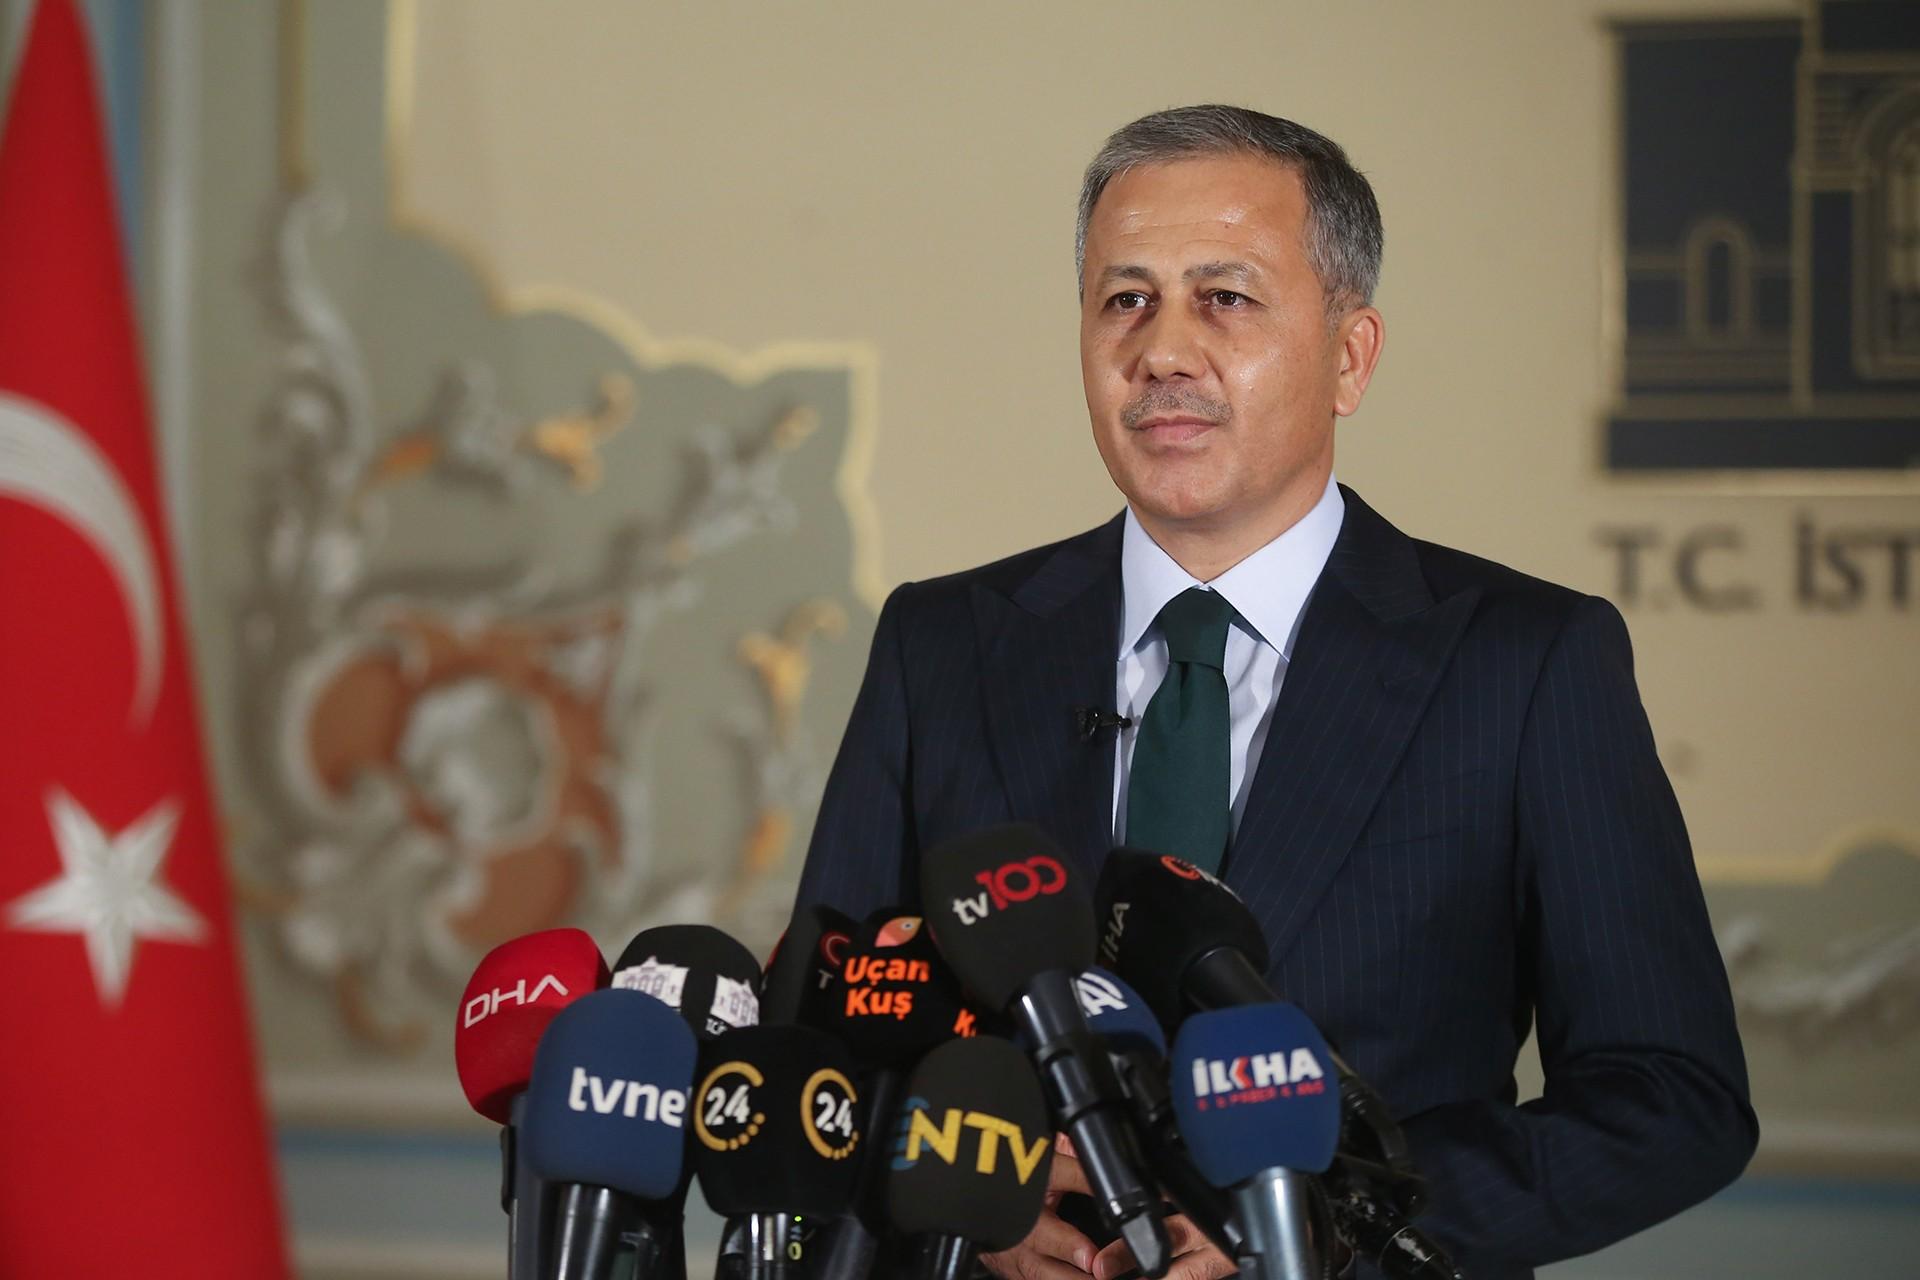 İstanbul Valisi Ali Yerlikaya: Vaka sayısı yüzde 40 düştü